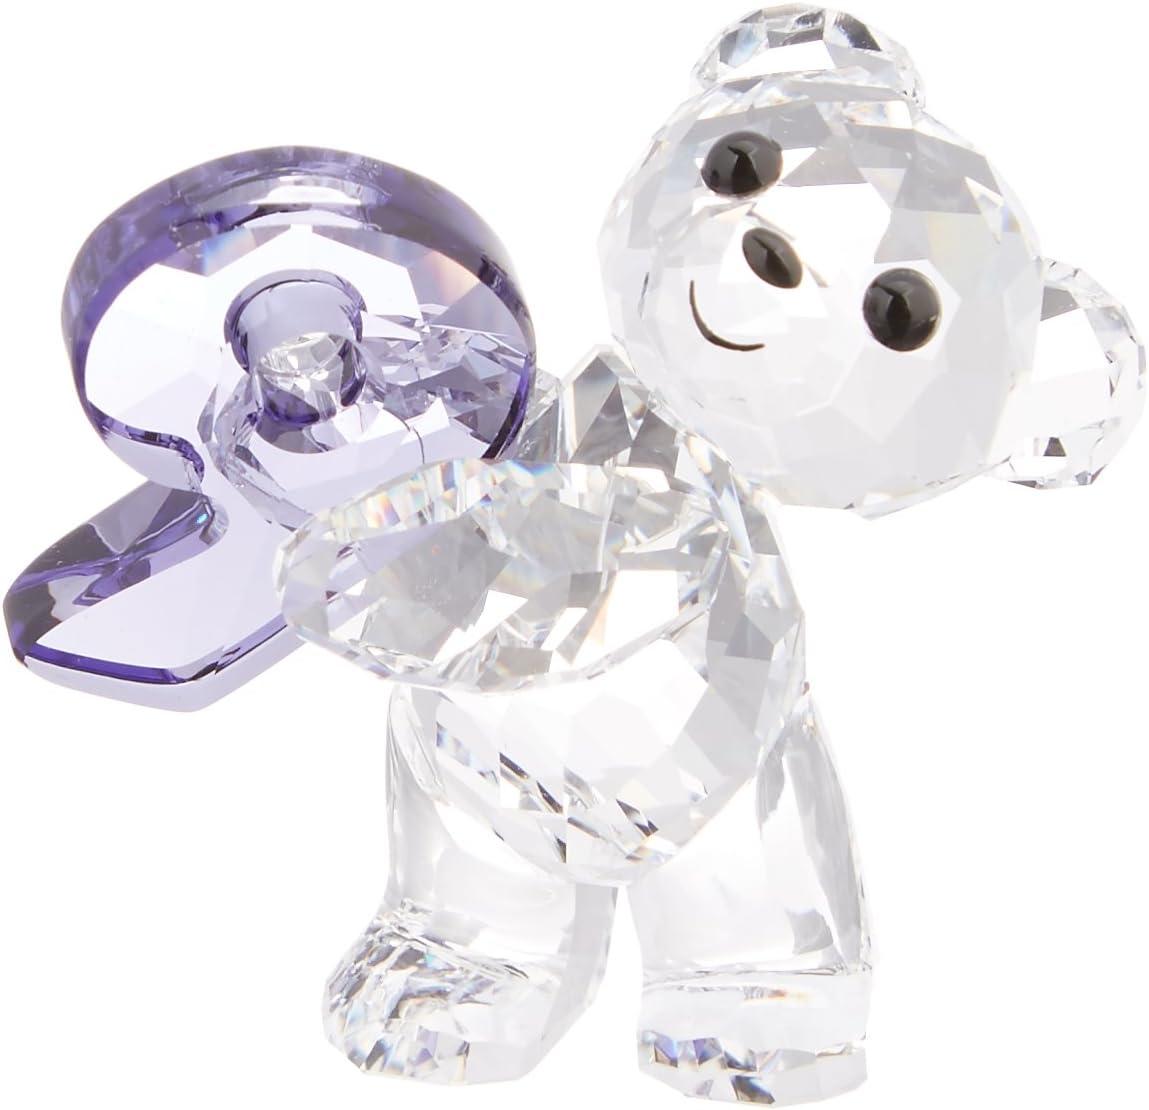 SWAROVSKI 5108731 Kris Bear Figurine, 9